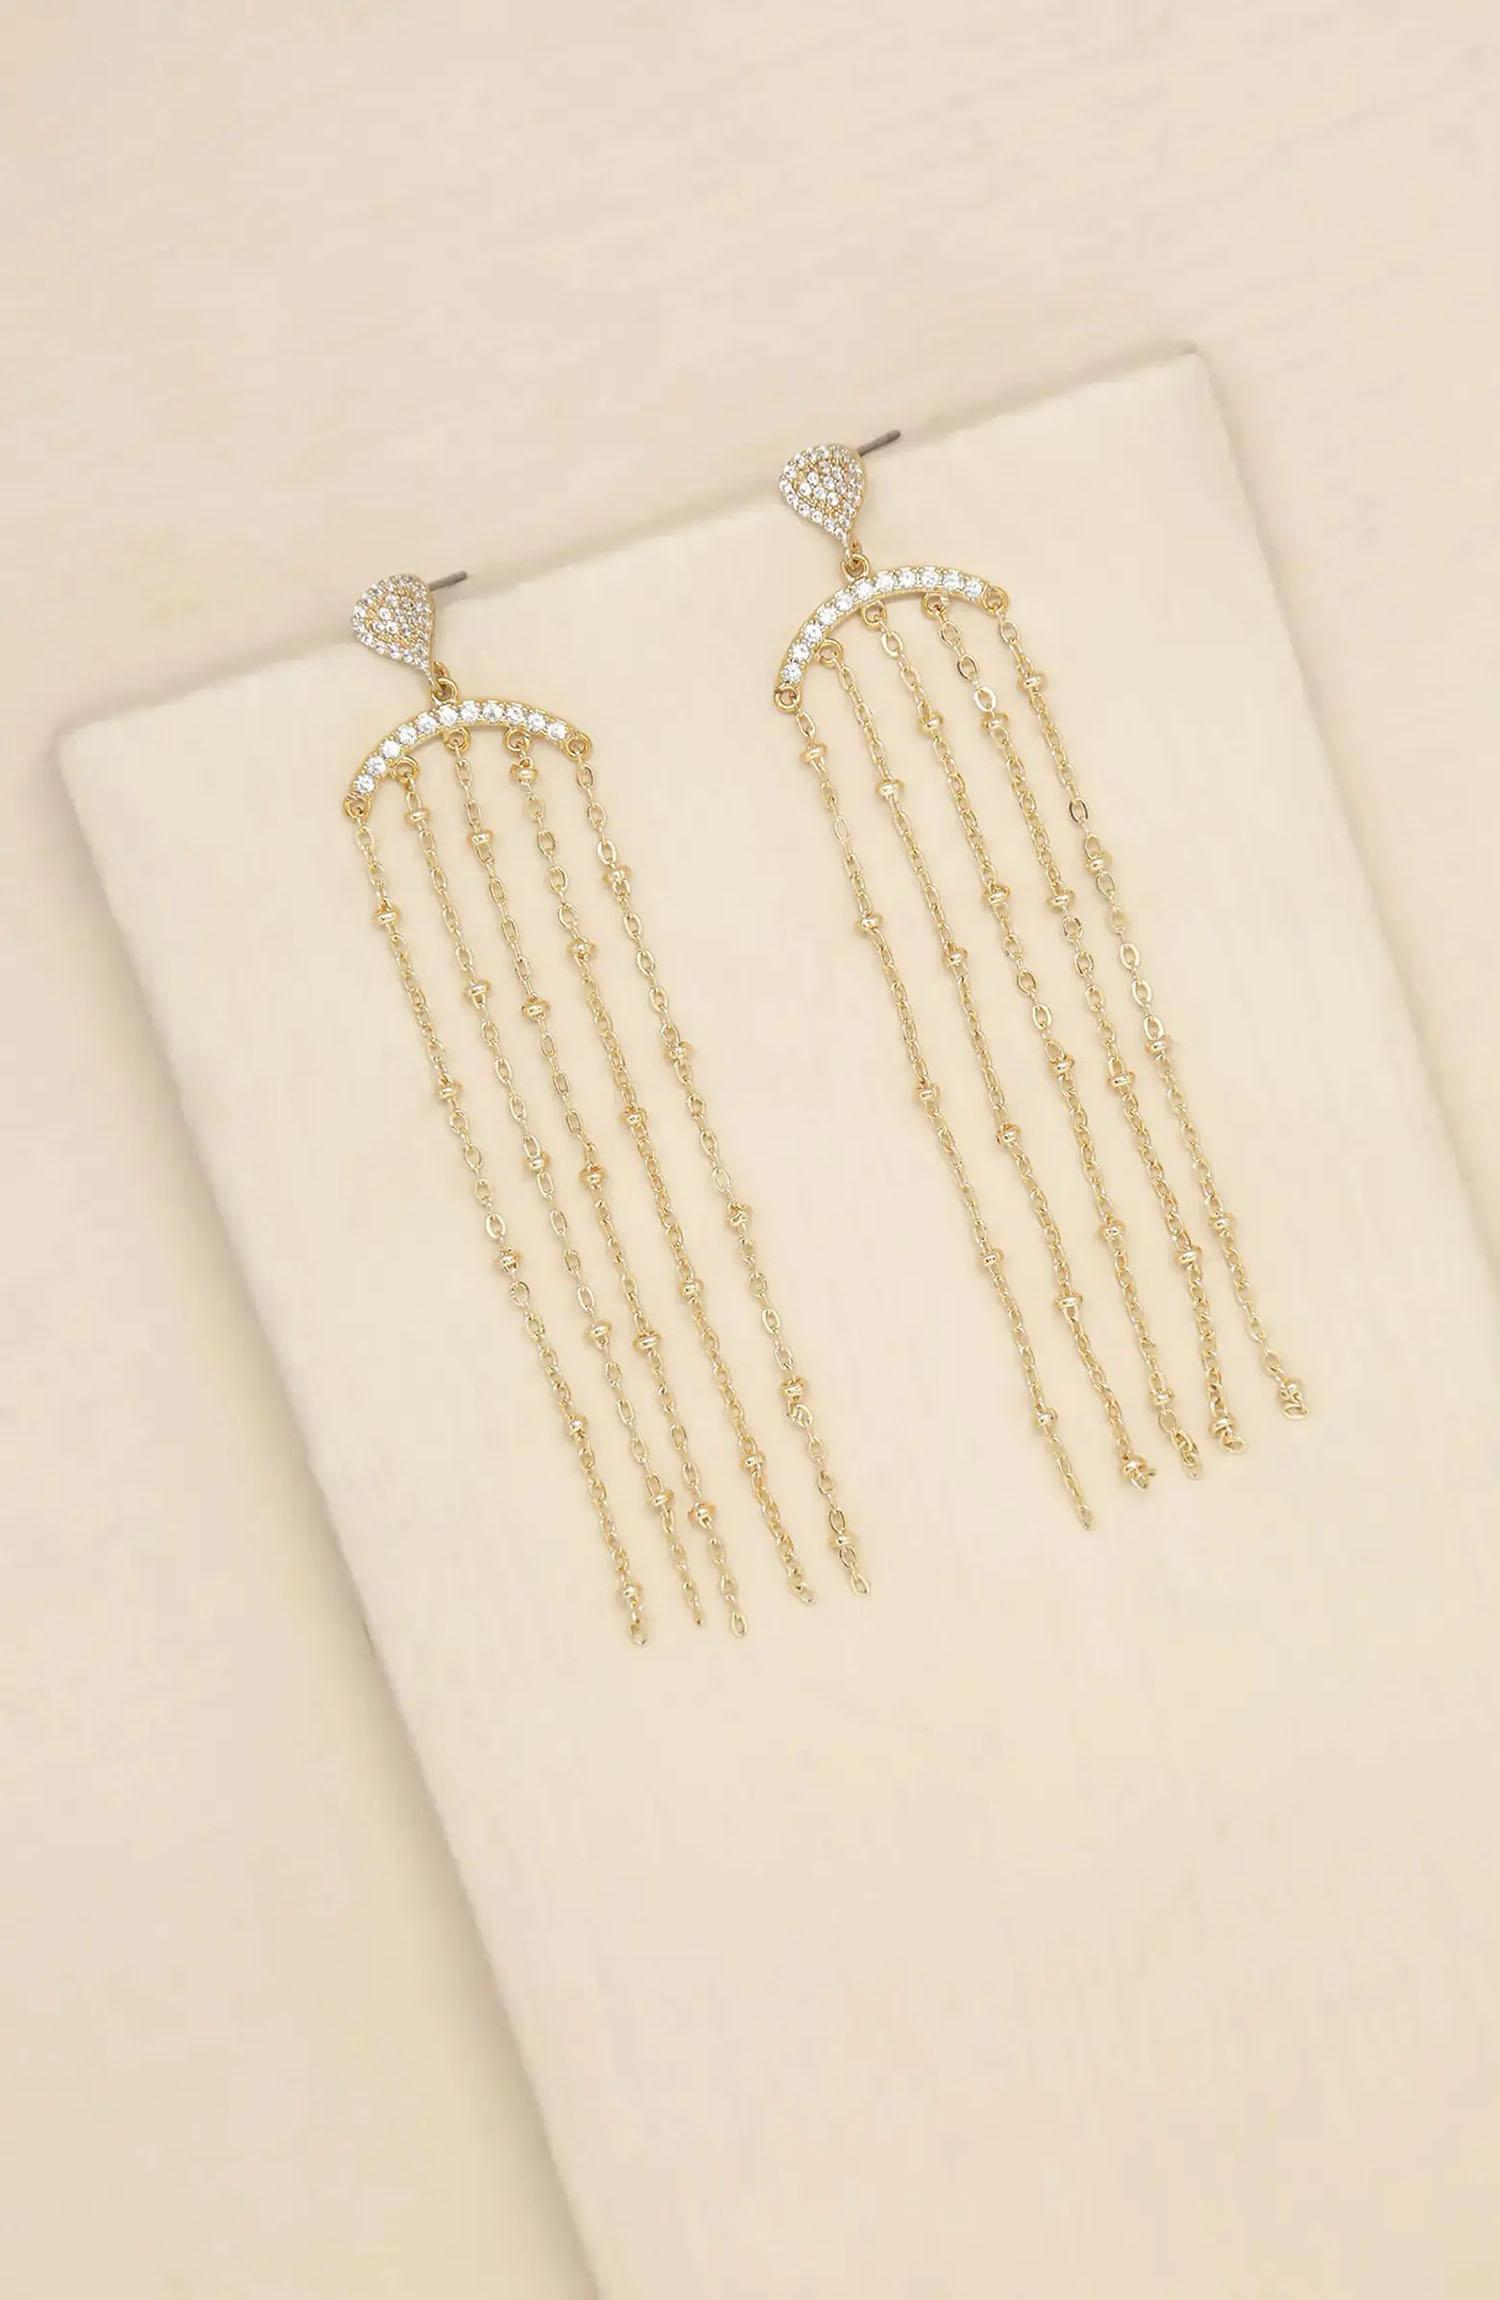 dangling gold and cubic zirconia chain long wedding earrings